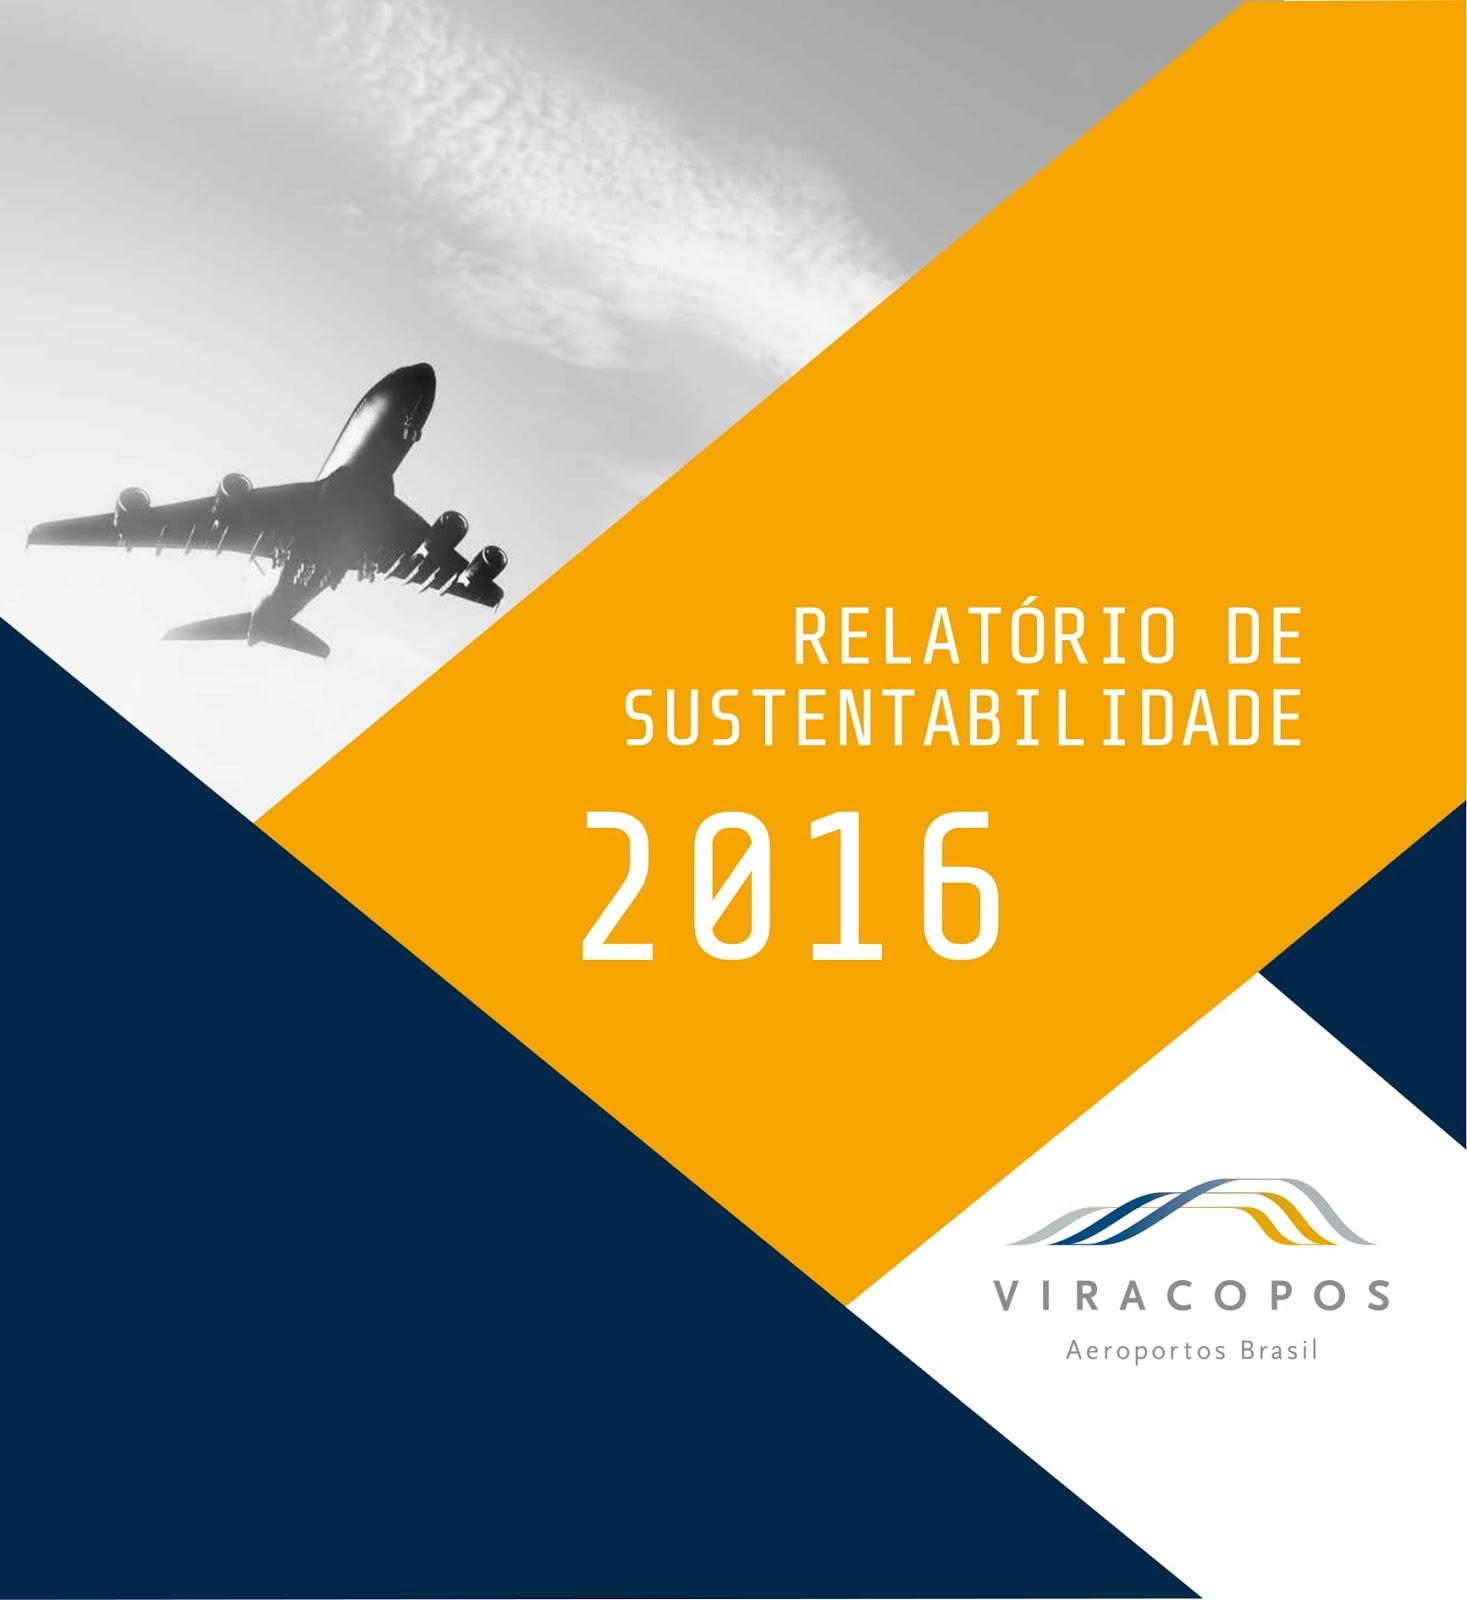 Viracopos é o 1º Aeroporto do Brasil a publicar o Relatório próprio de Sustentabilidade com metodologia internacional